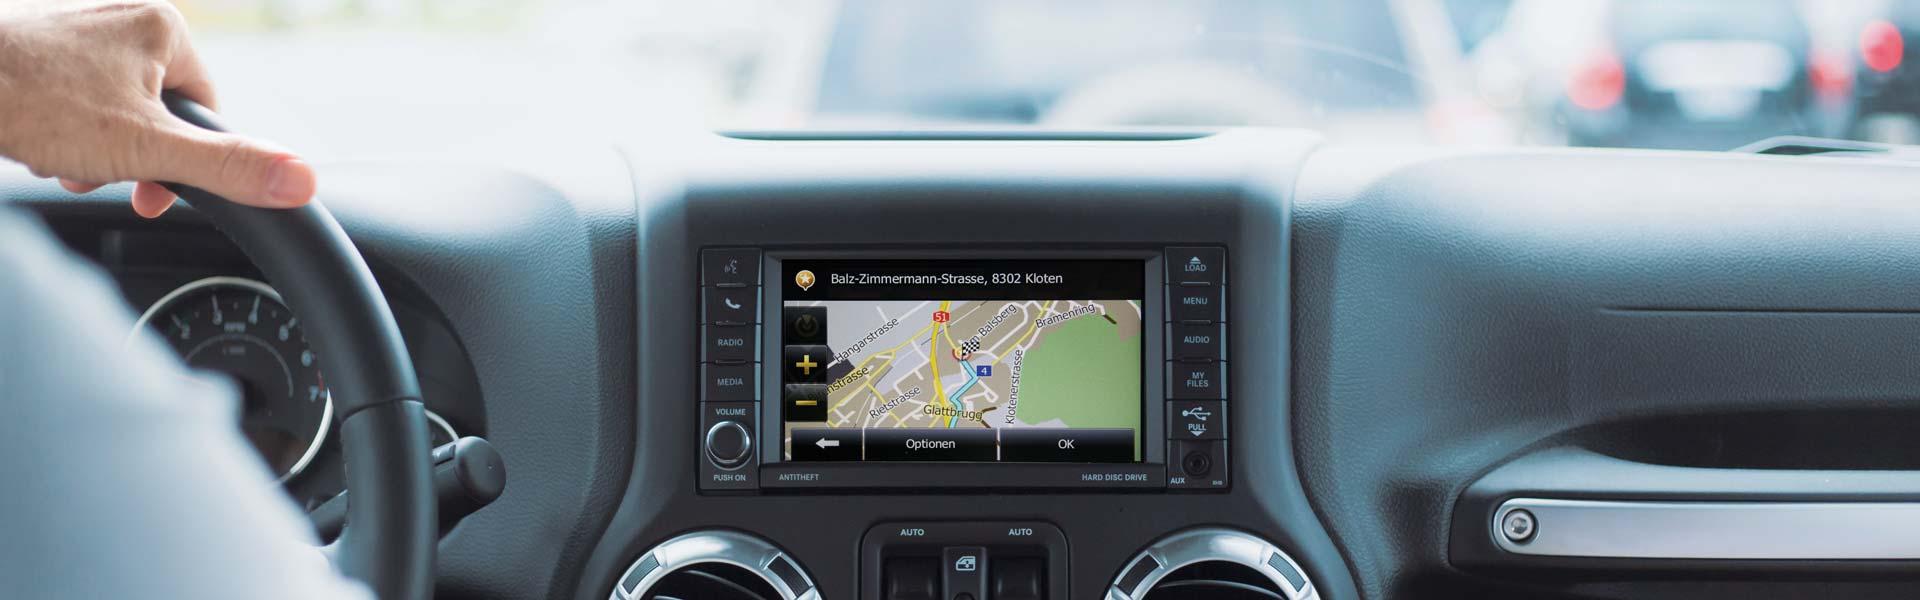 Navigation - Damit Sie das Ziel vor dem Start kennen.